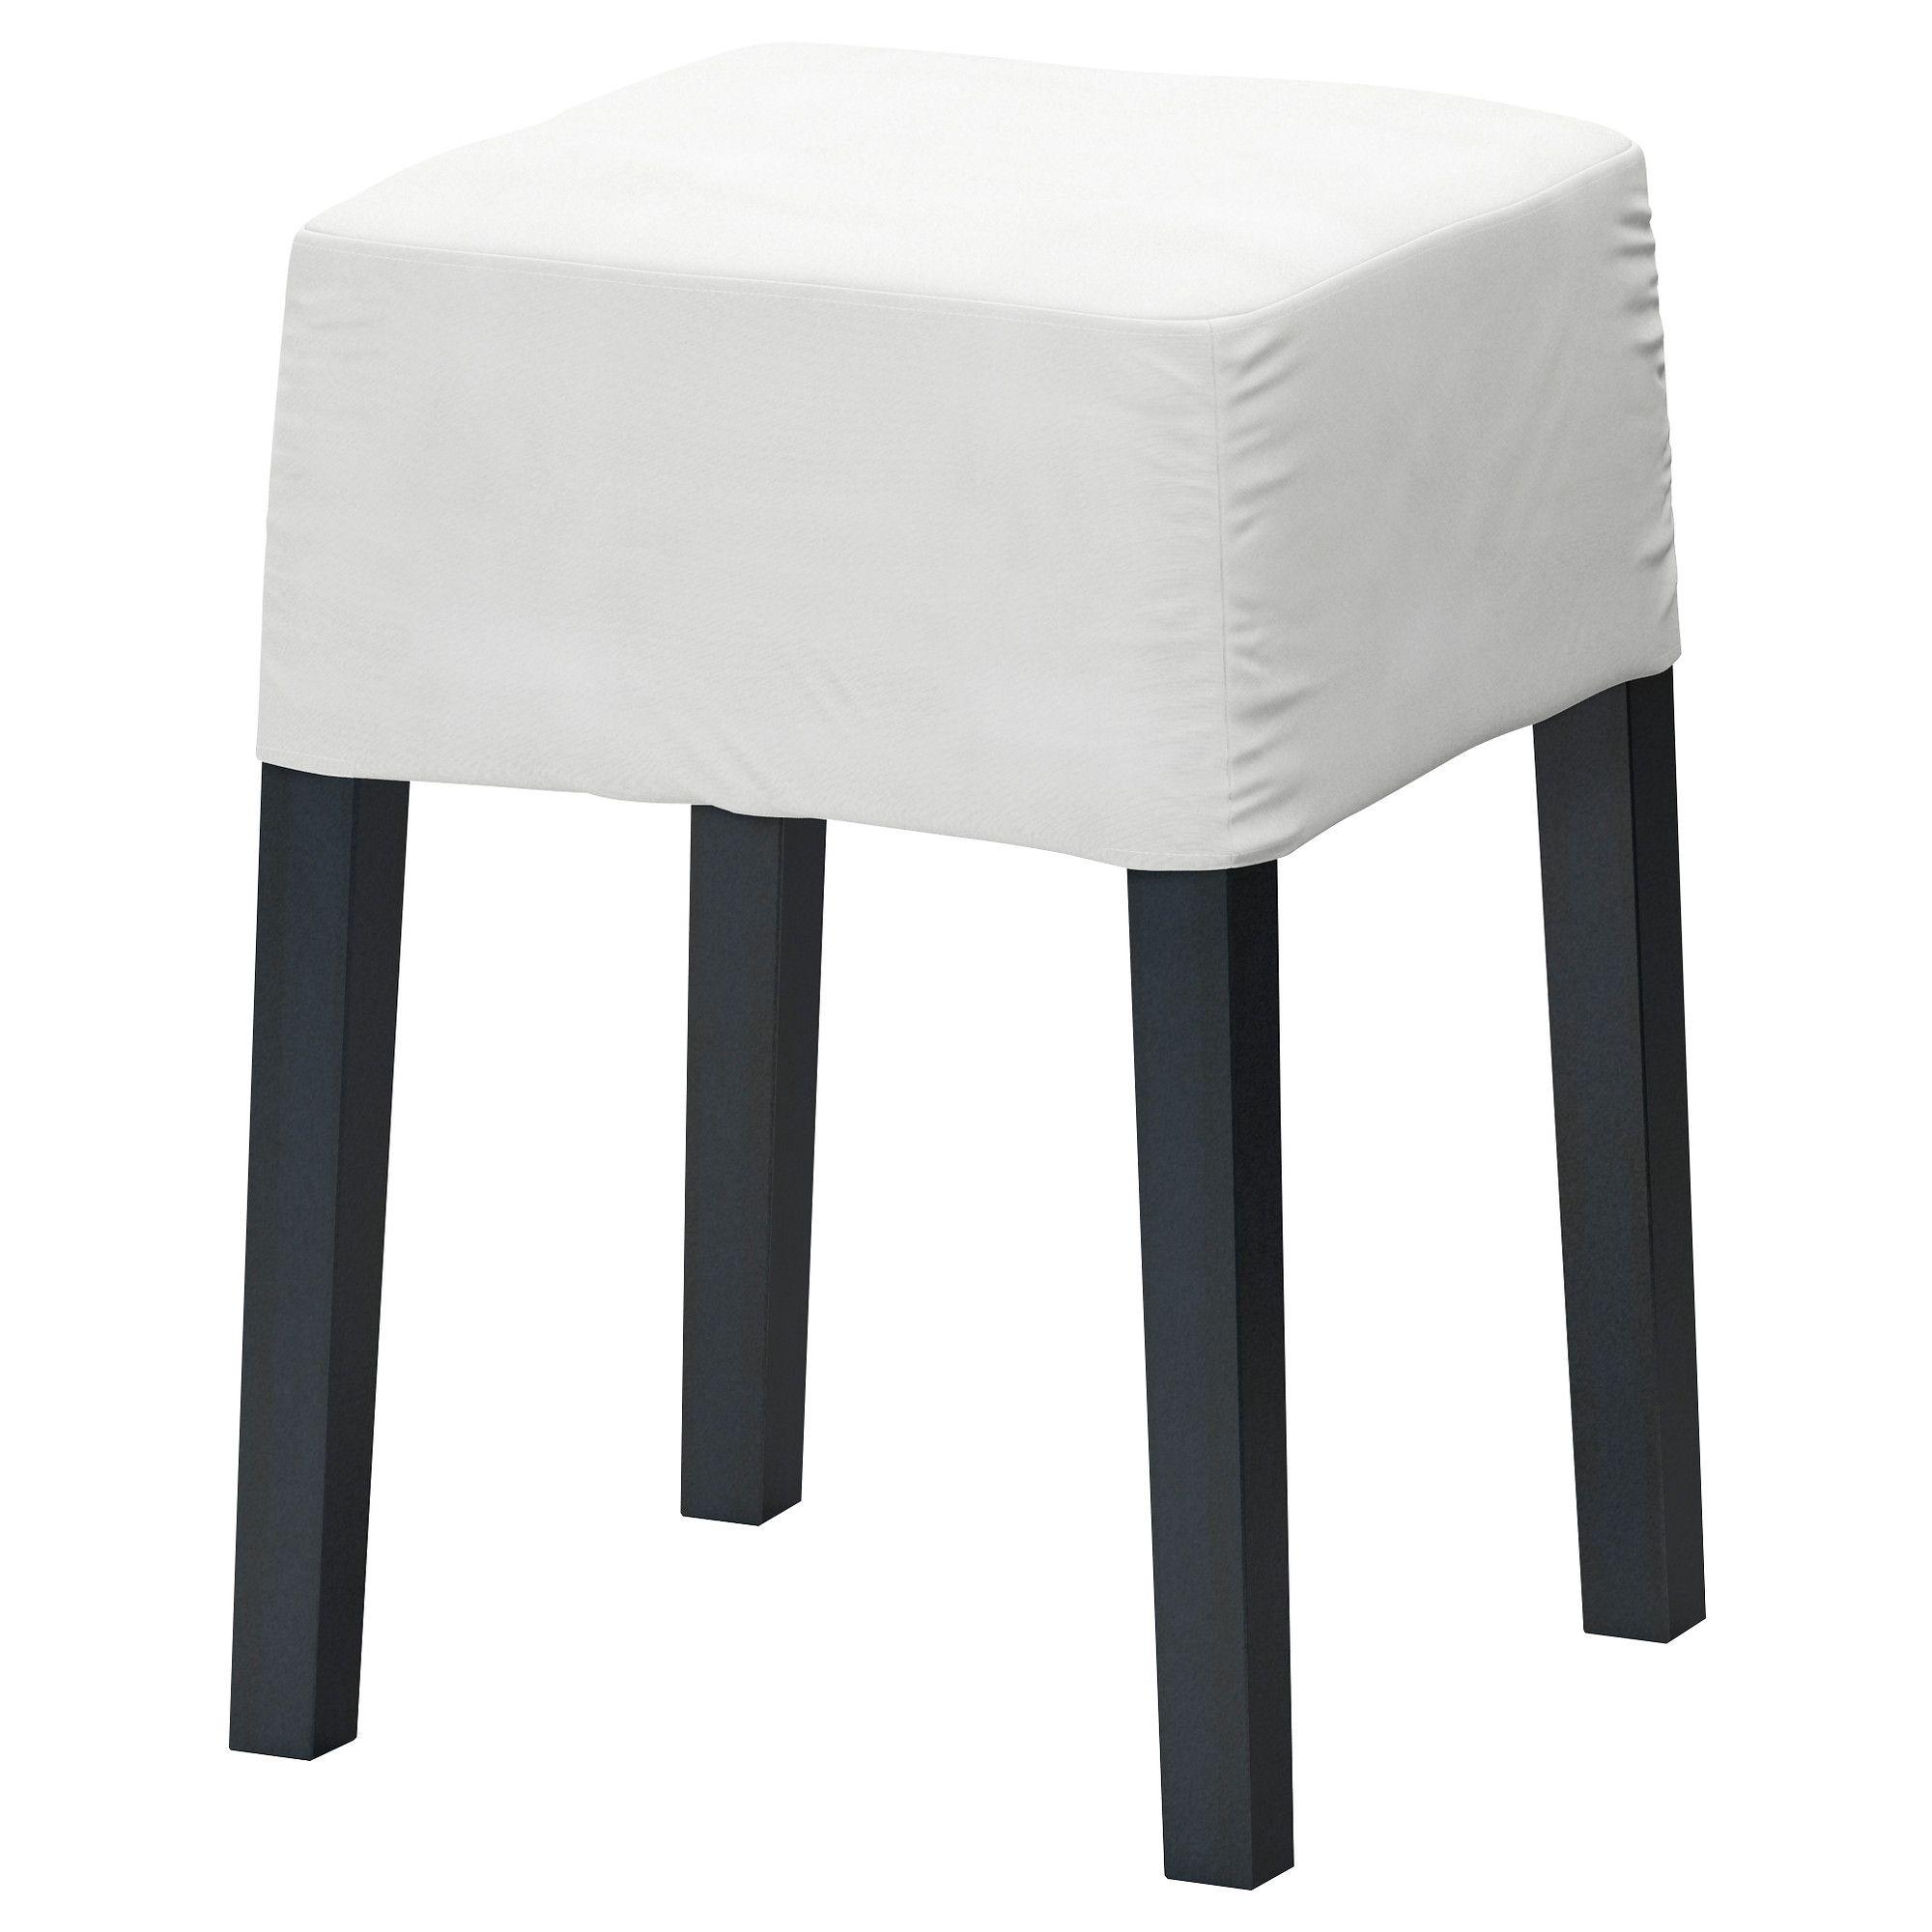 Ikea Nils Stool Frame Black Ikea Stool Ikea Stool Covers